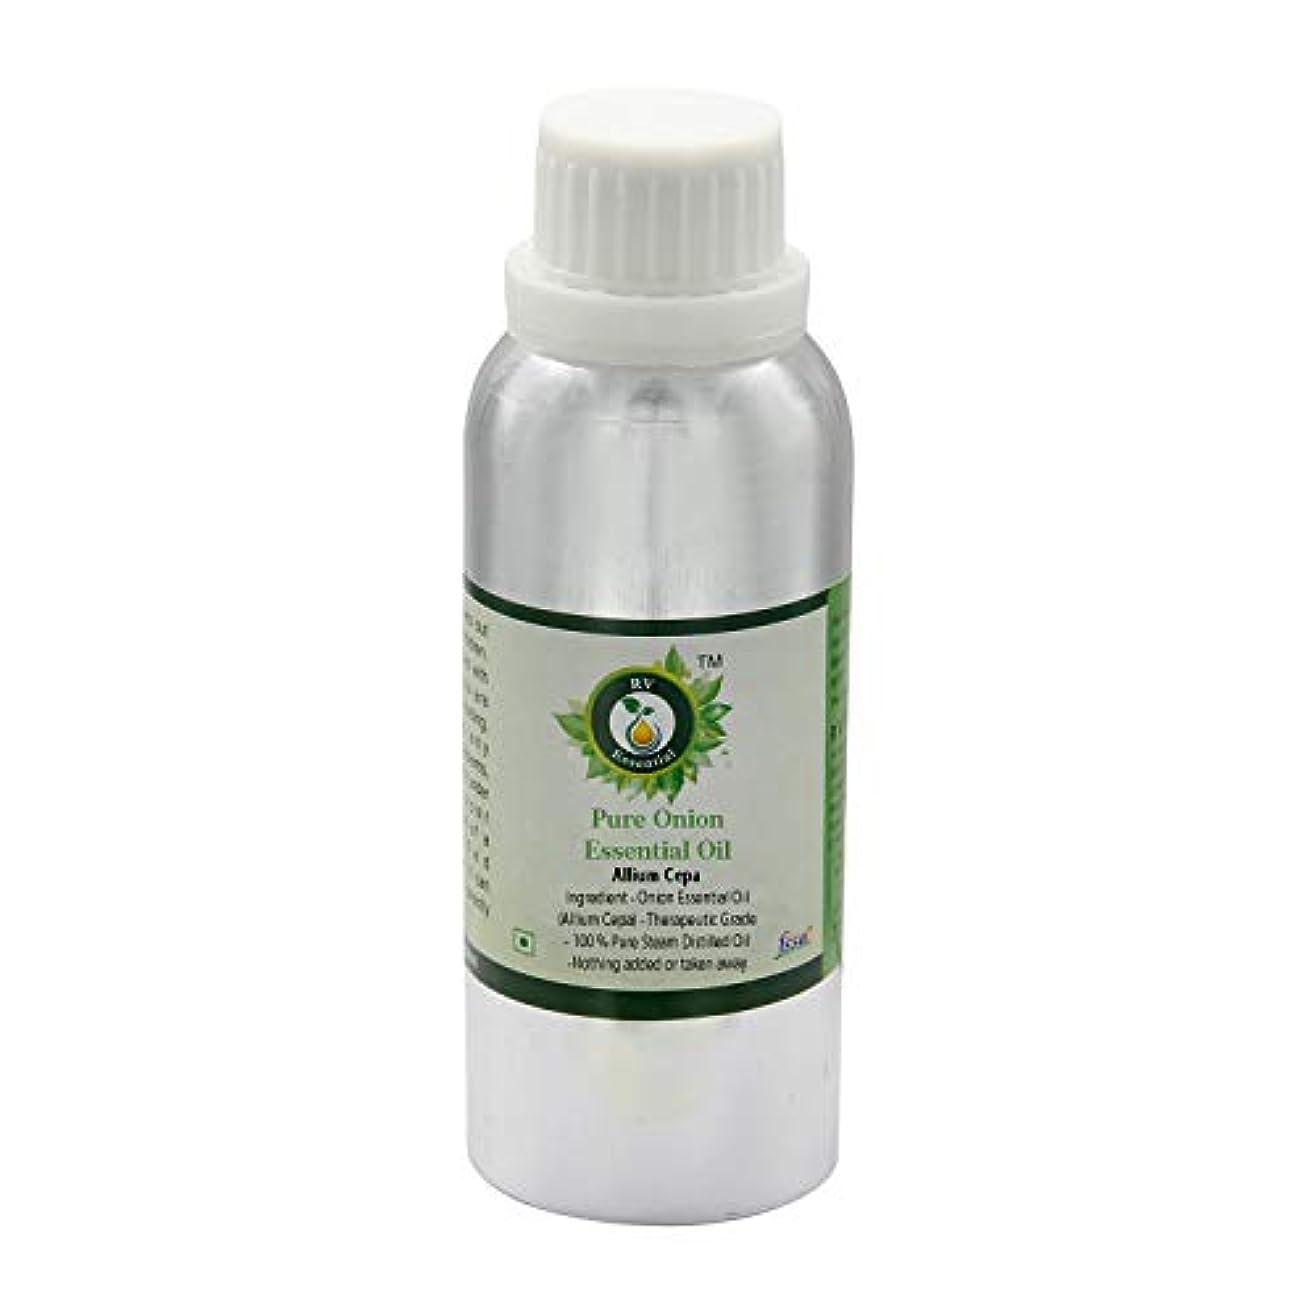 静かな密度市民権ピュアエッセンシャルオイルオニオン630ml (21oz)- Allium Cepa (100%純粋&天然スチームDistilled) Pure Onion Essential Oil